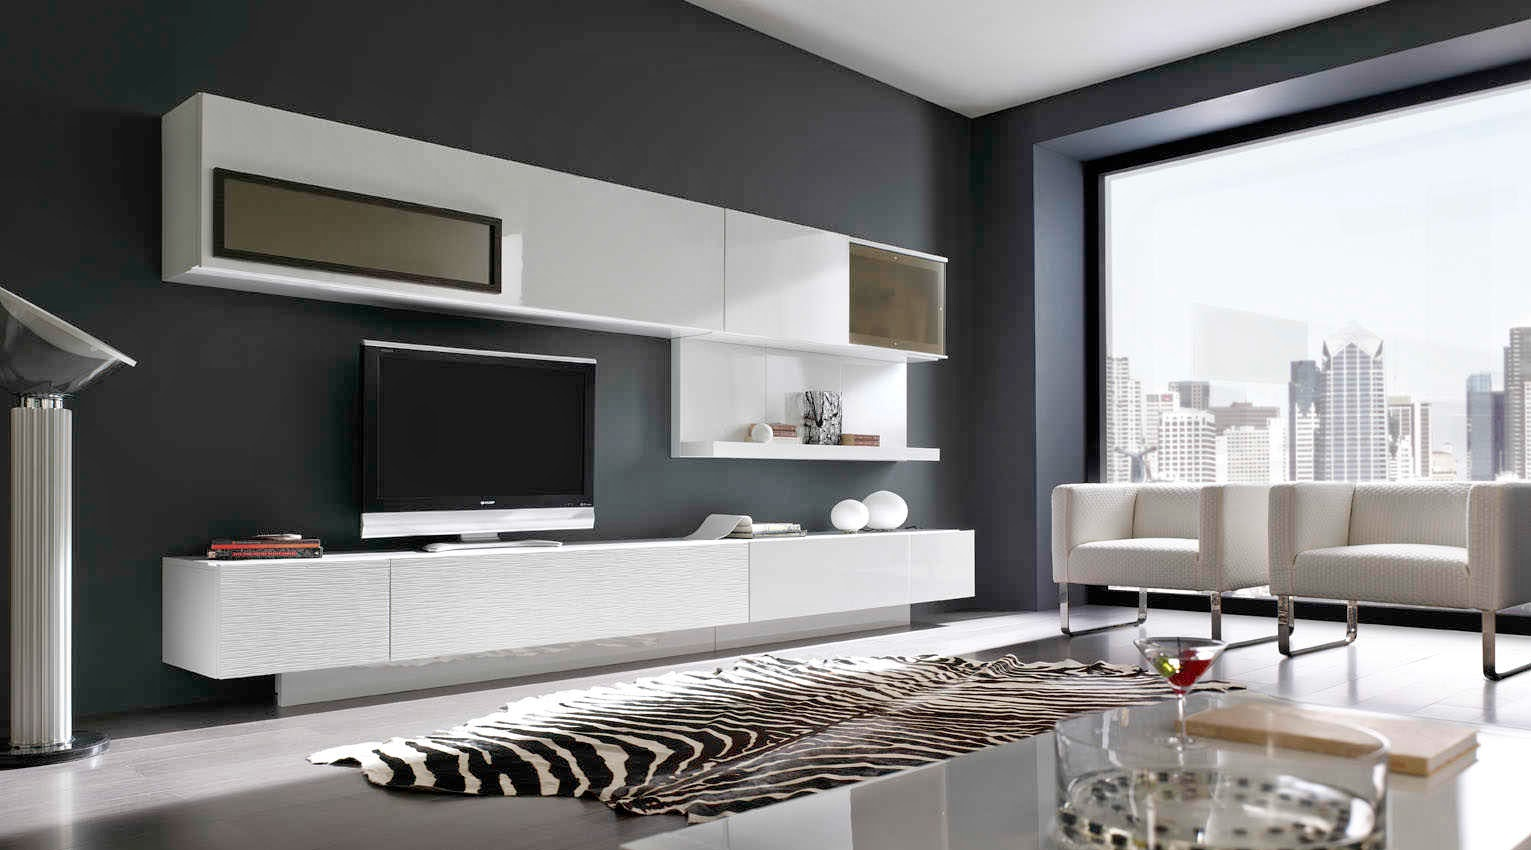 Proyectarq salas minimalistas y con modernos estilos for Colores para interiores casas minimalistas